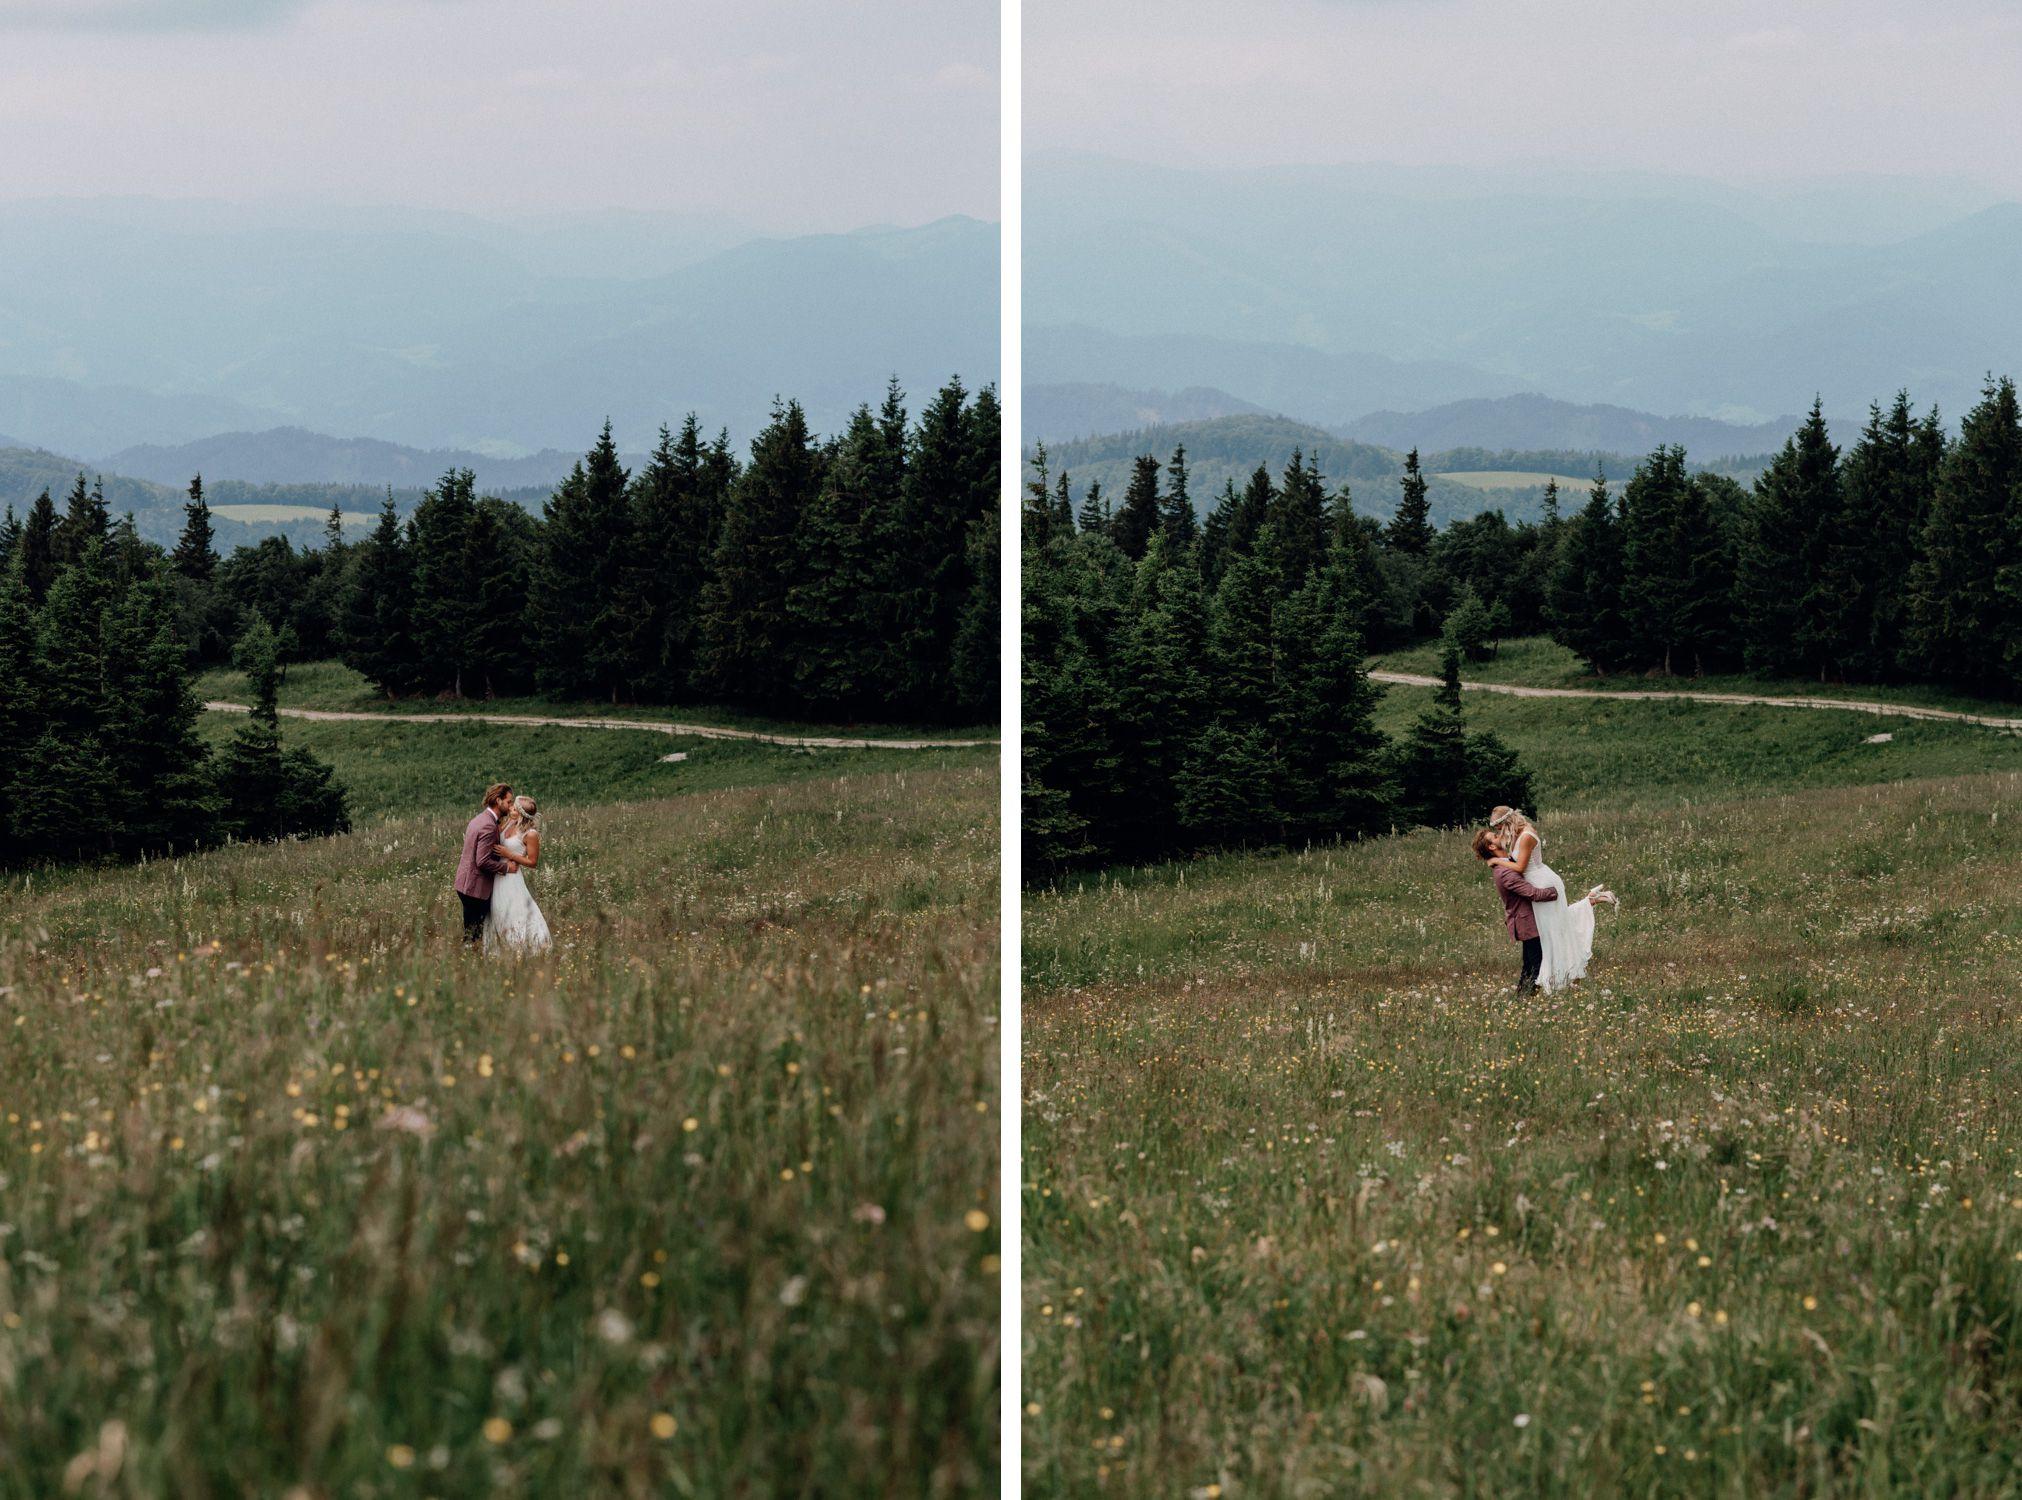 hochzeitsfotografin österreich rustic